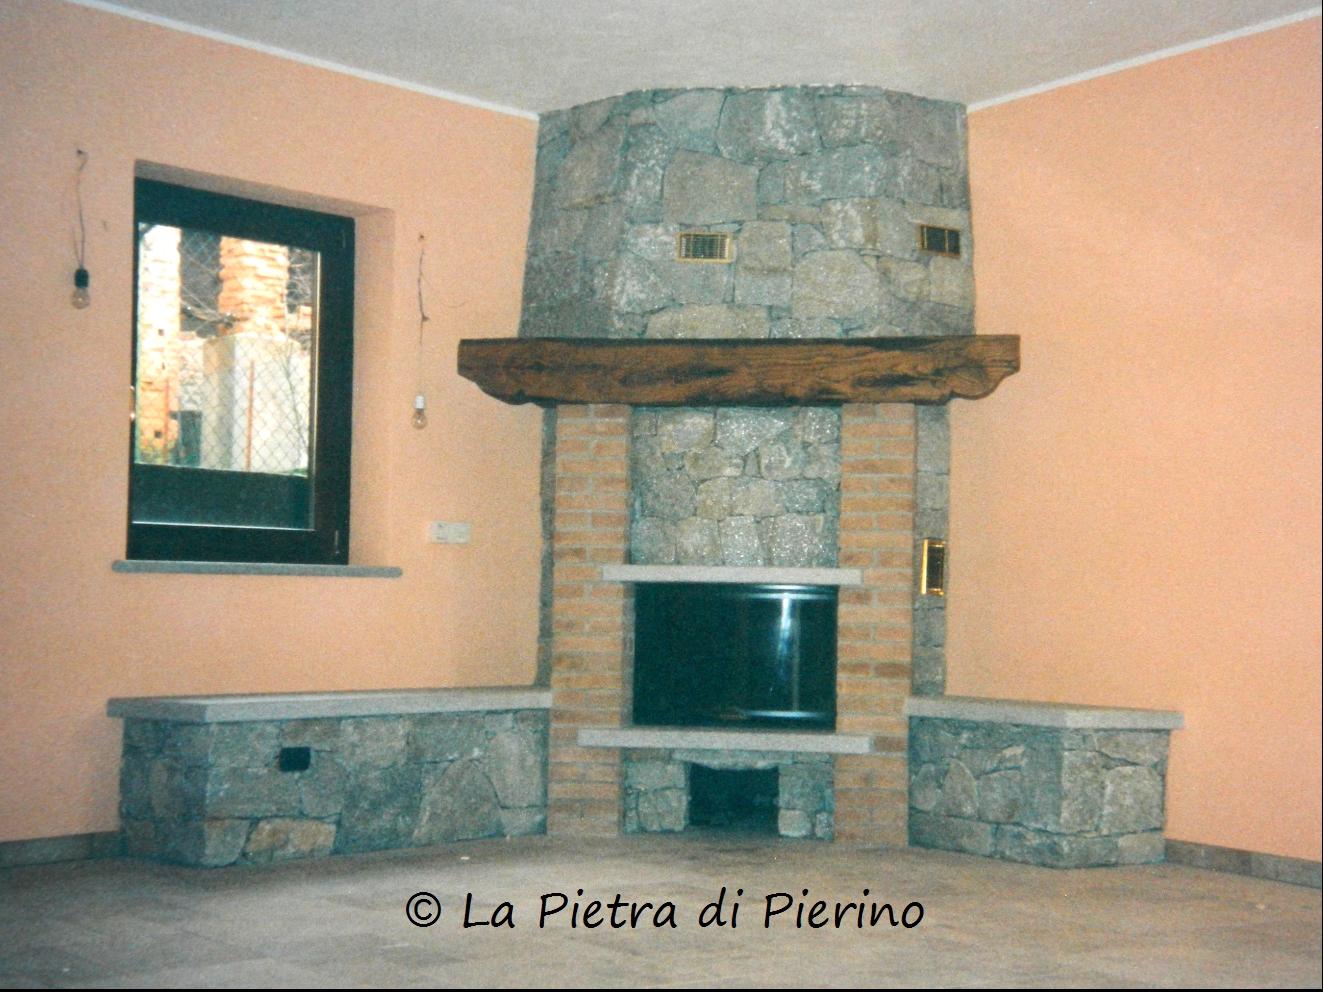 La pietra di pierino camino carlo in pietra e mattoni for Mattoni e pietra americani